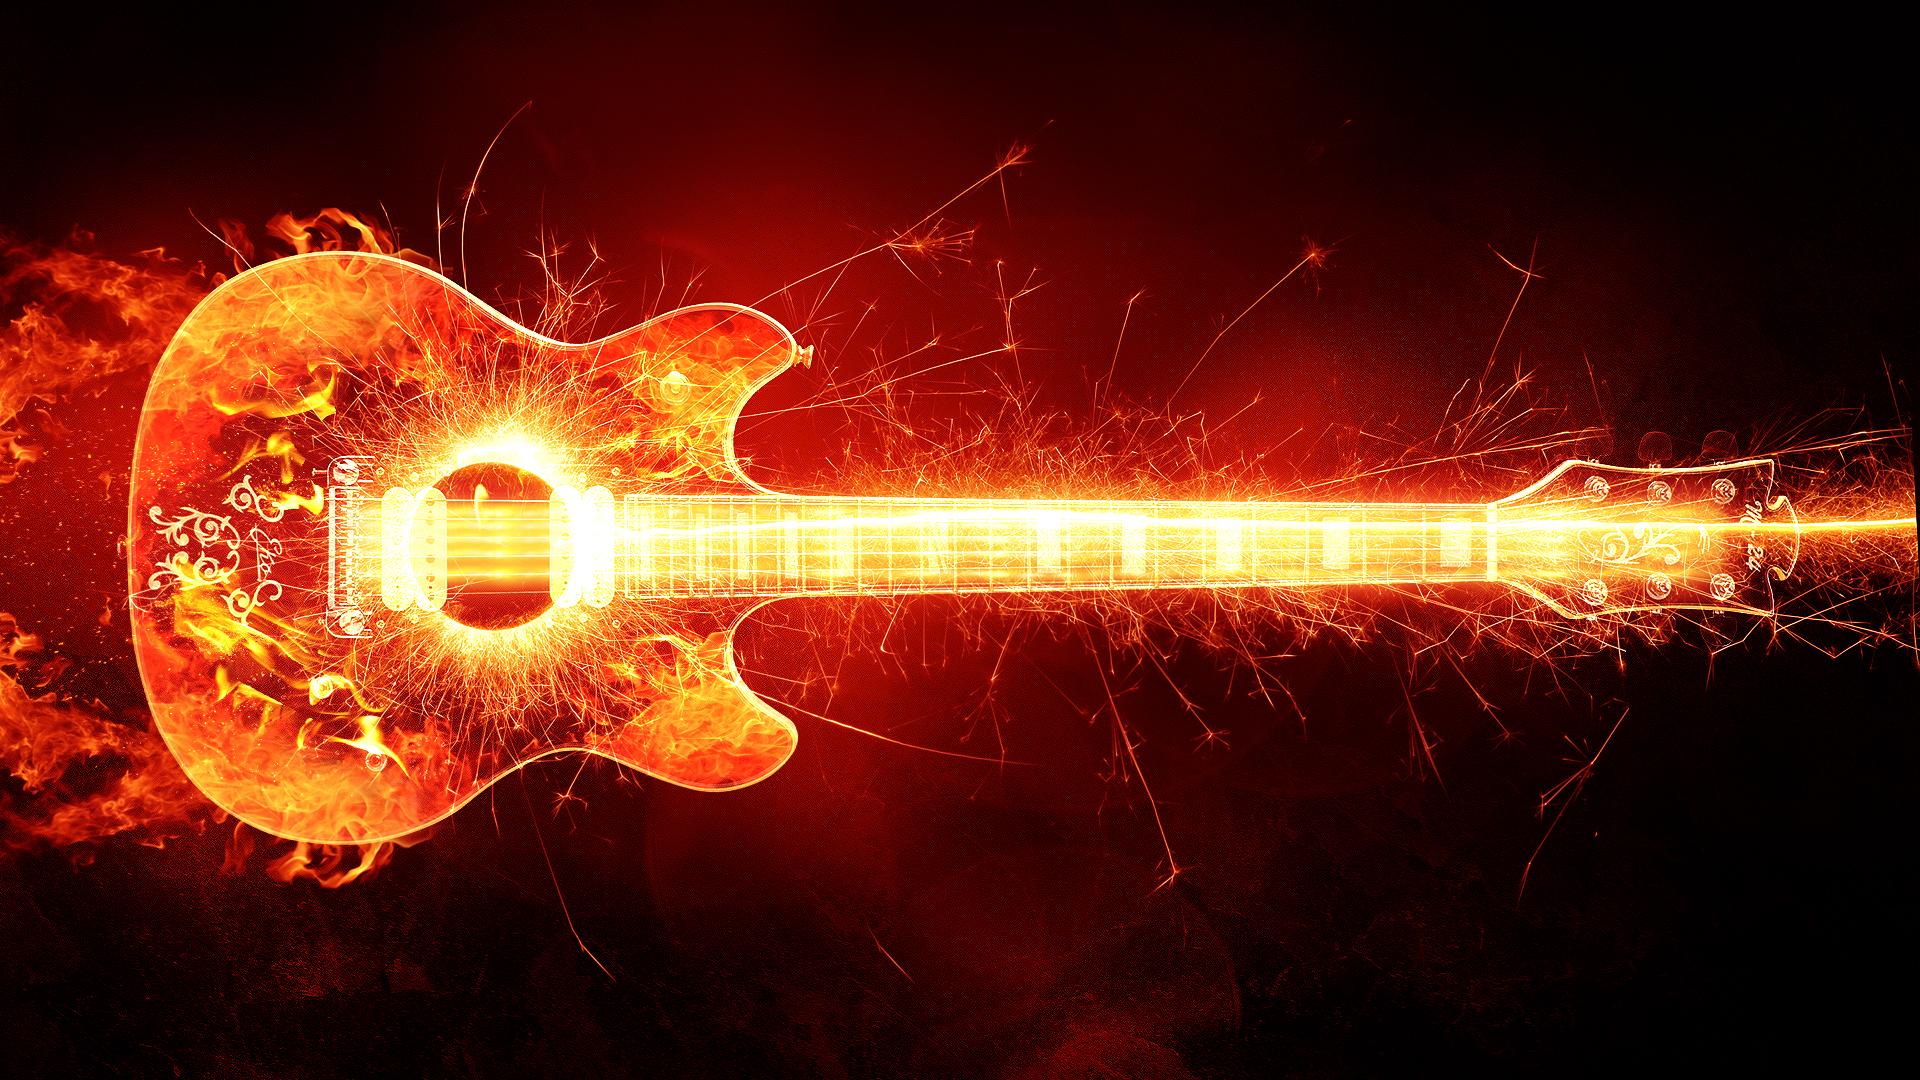 Fire guitar. обои скачать